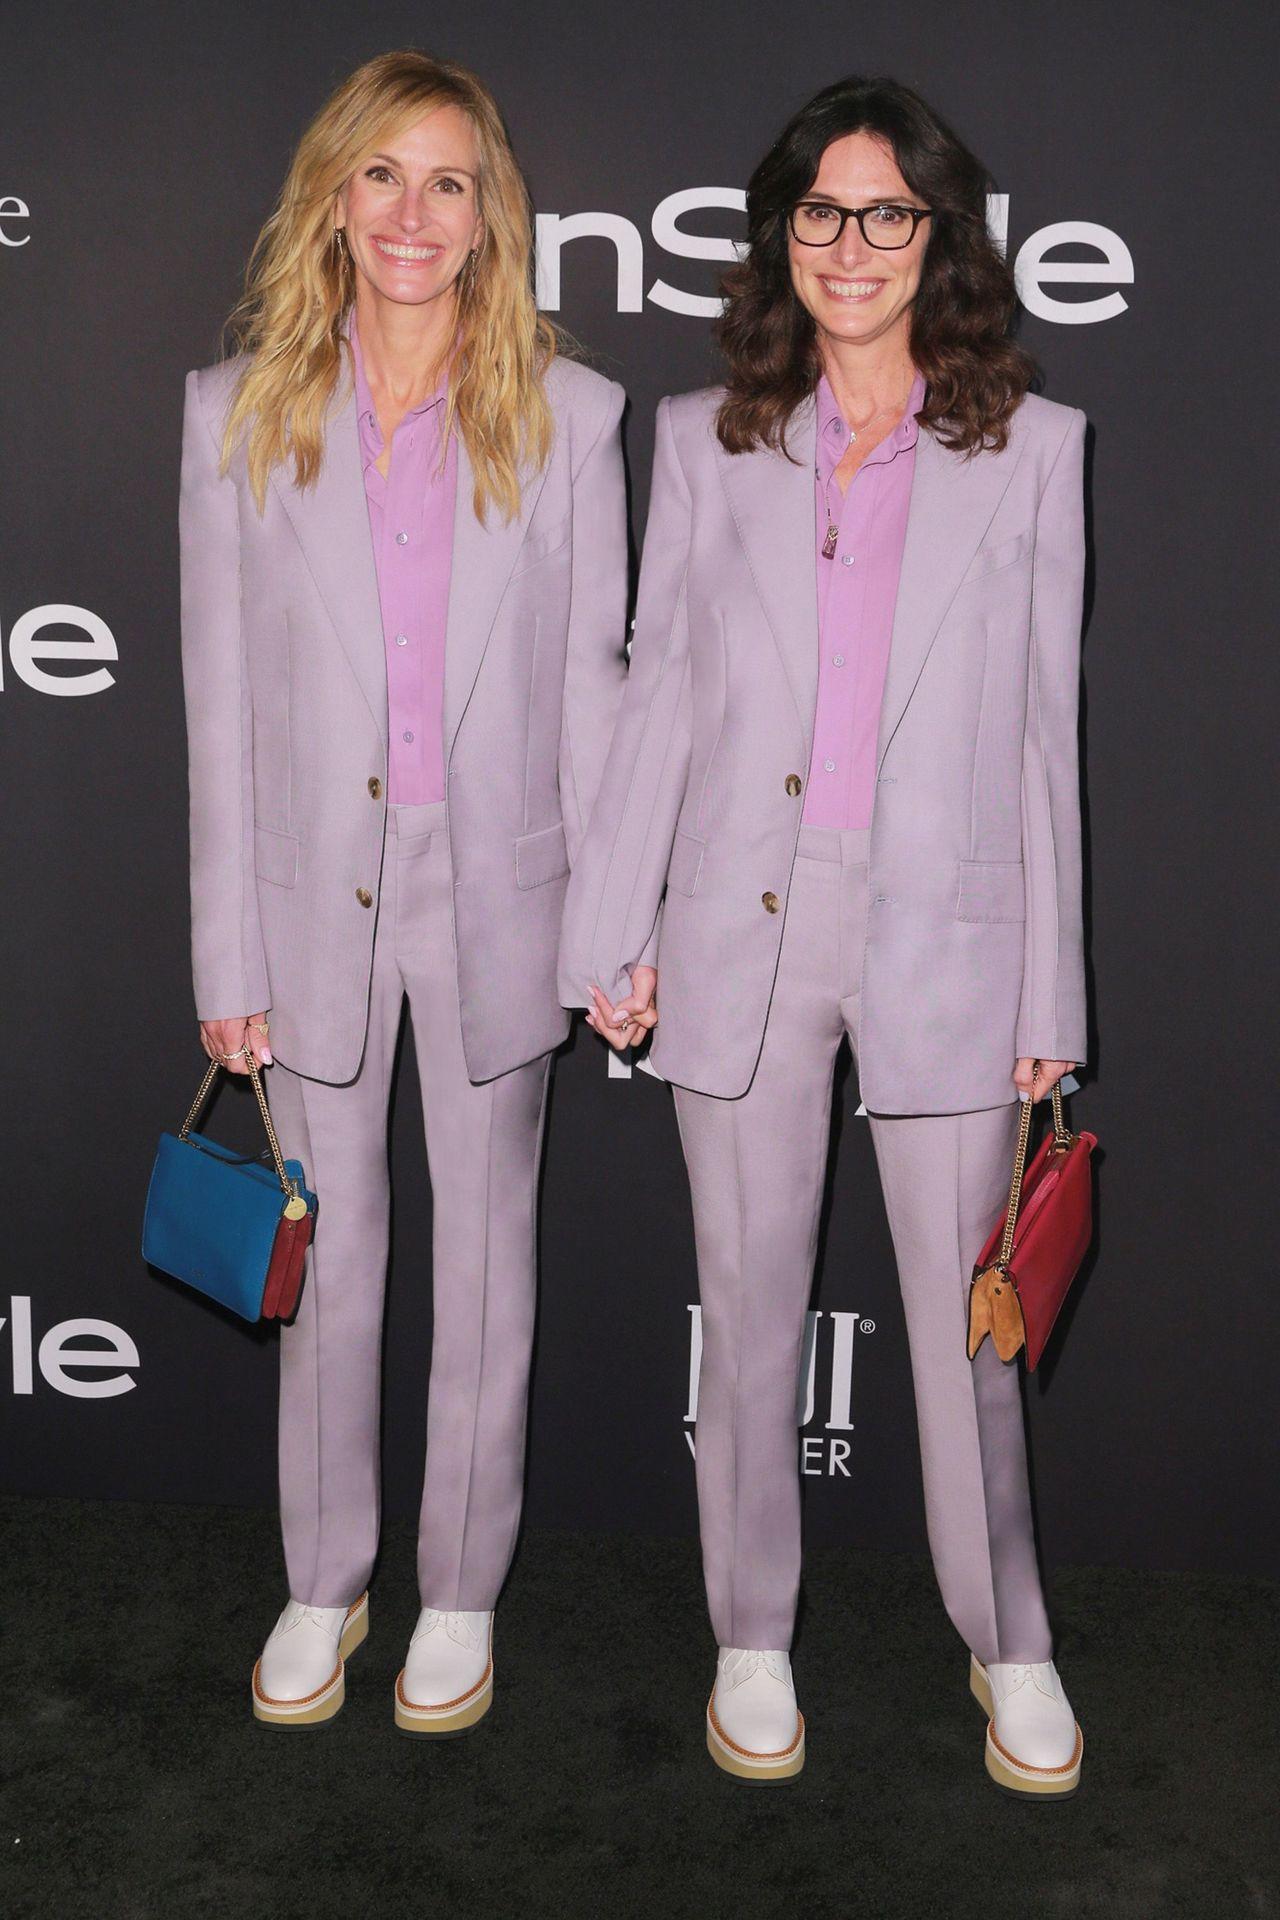 茱莉亞羅勃茲和造型師好友伊莉莎白.斯圖爾特穿姊妹裝,俏皮可愛。圖/GIVENCH...